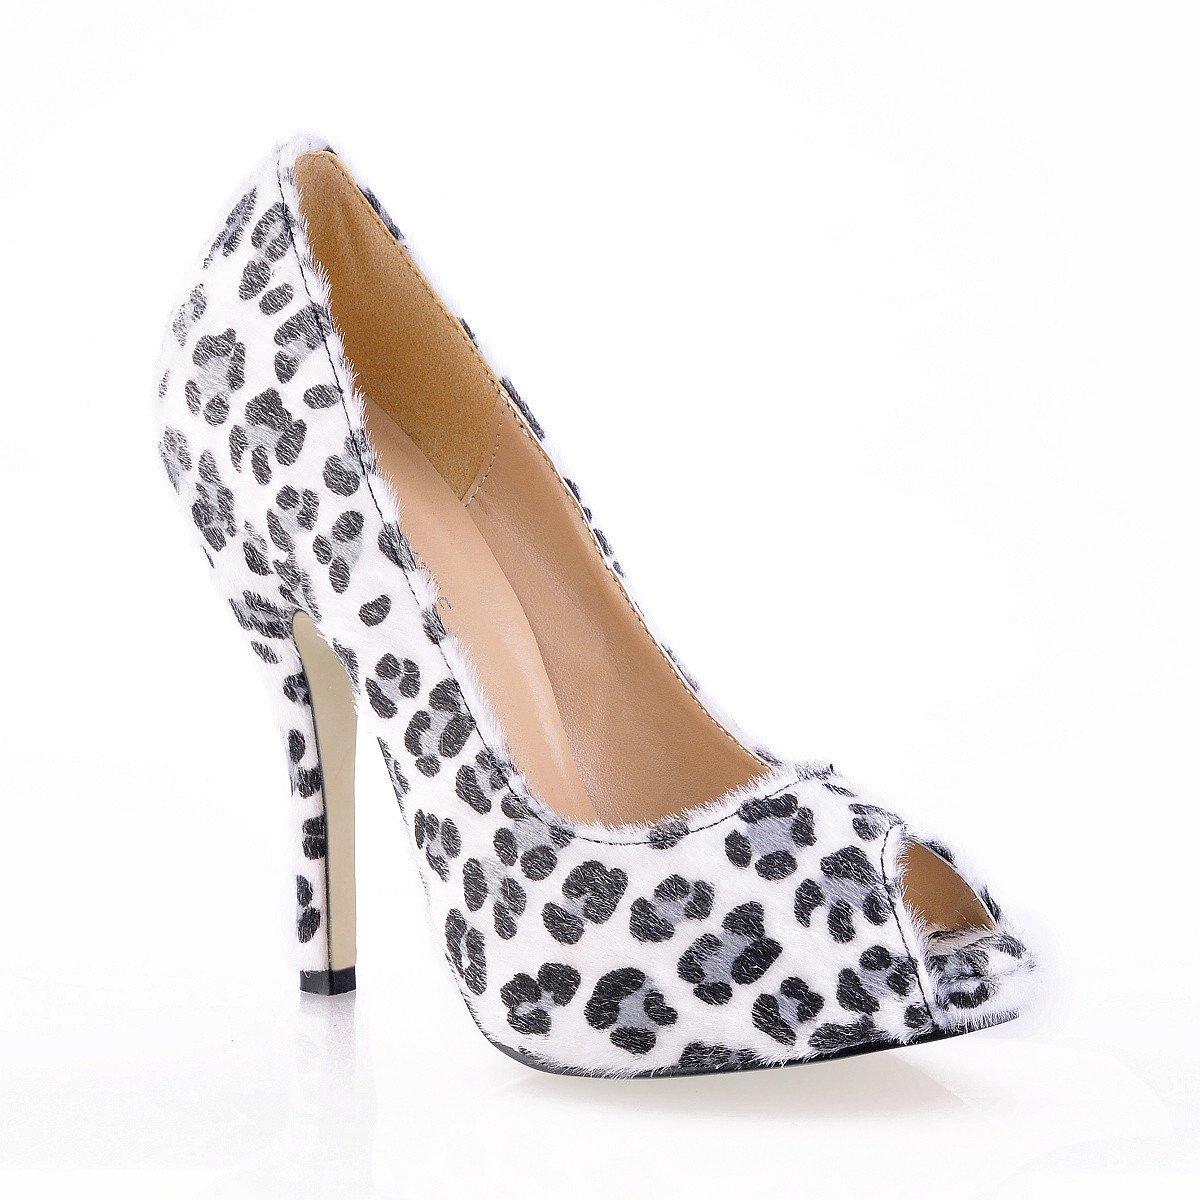 Fare clic su donna autunno nuovo nightclub punta pesce pesce pesce calzature donna per grandi leopard panno privo di fine ed alta scarpe tacco, nero su strisce bianche eb4f90